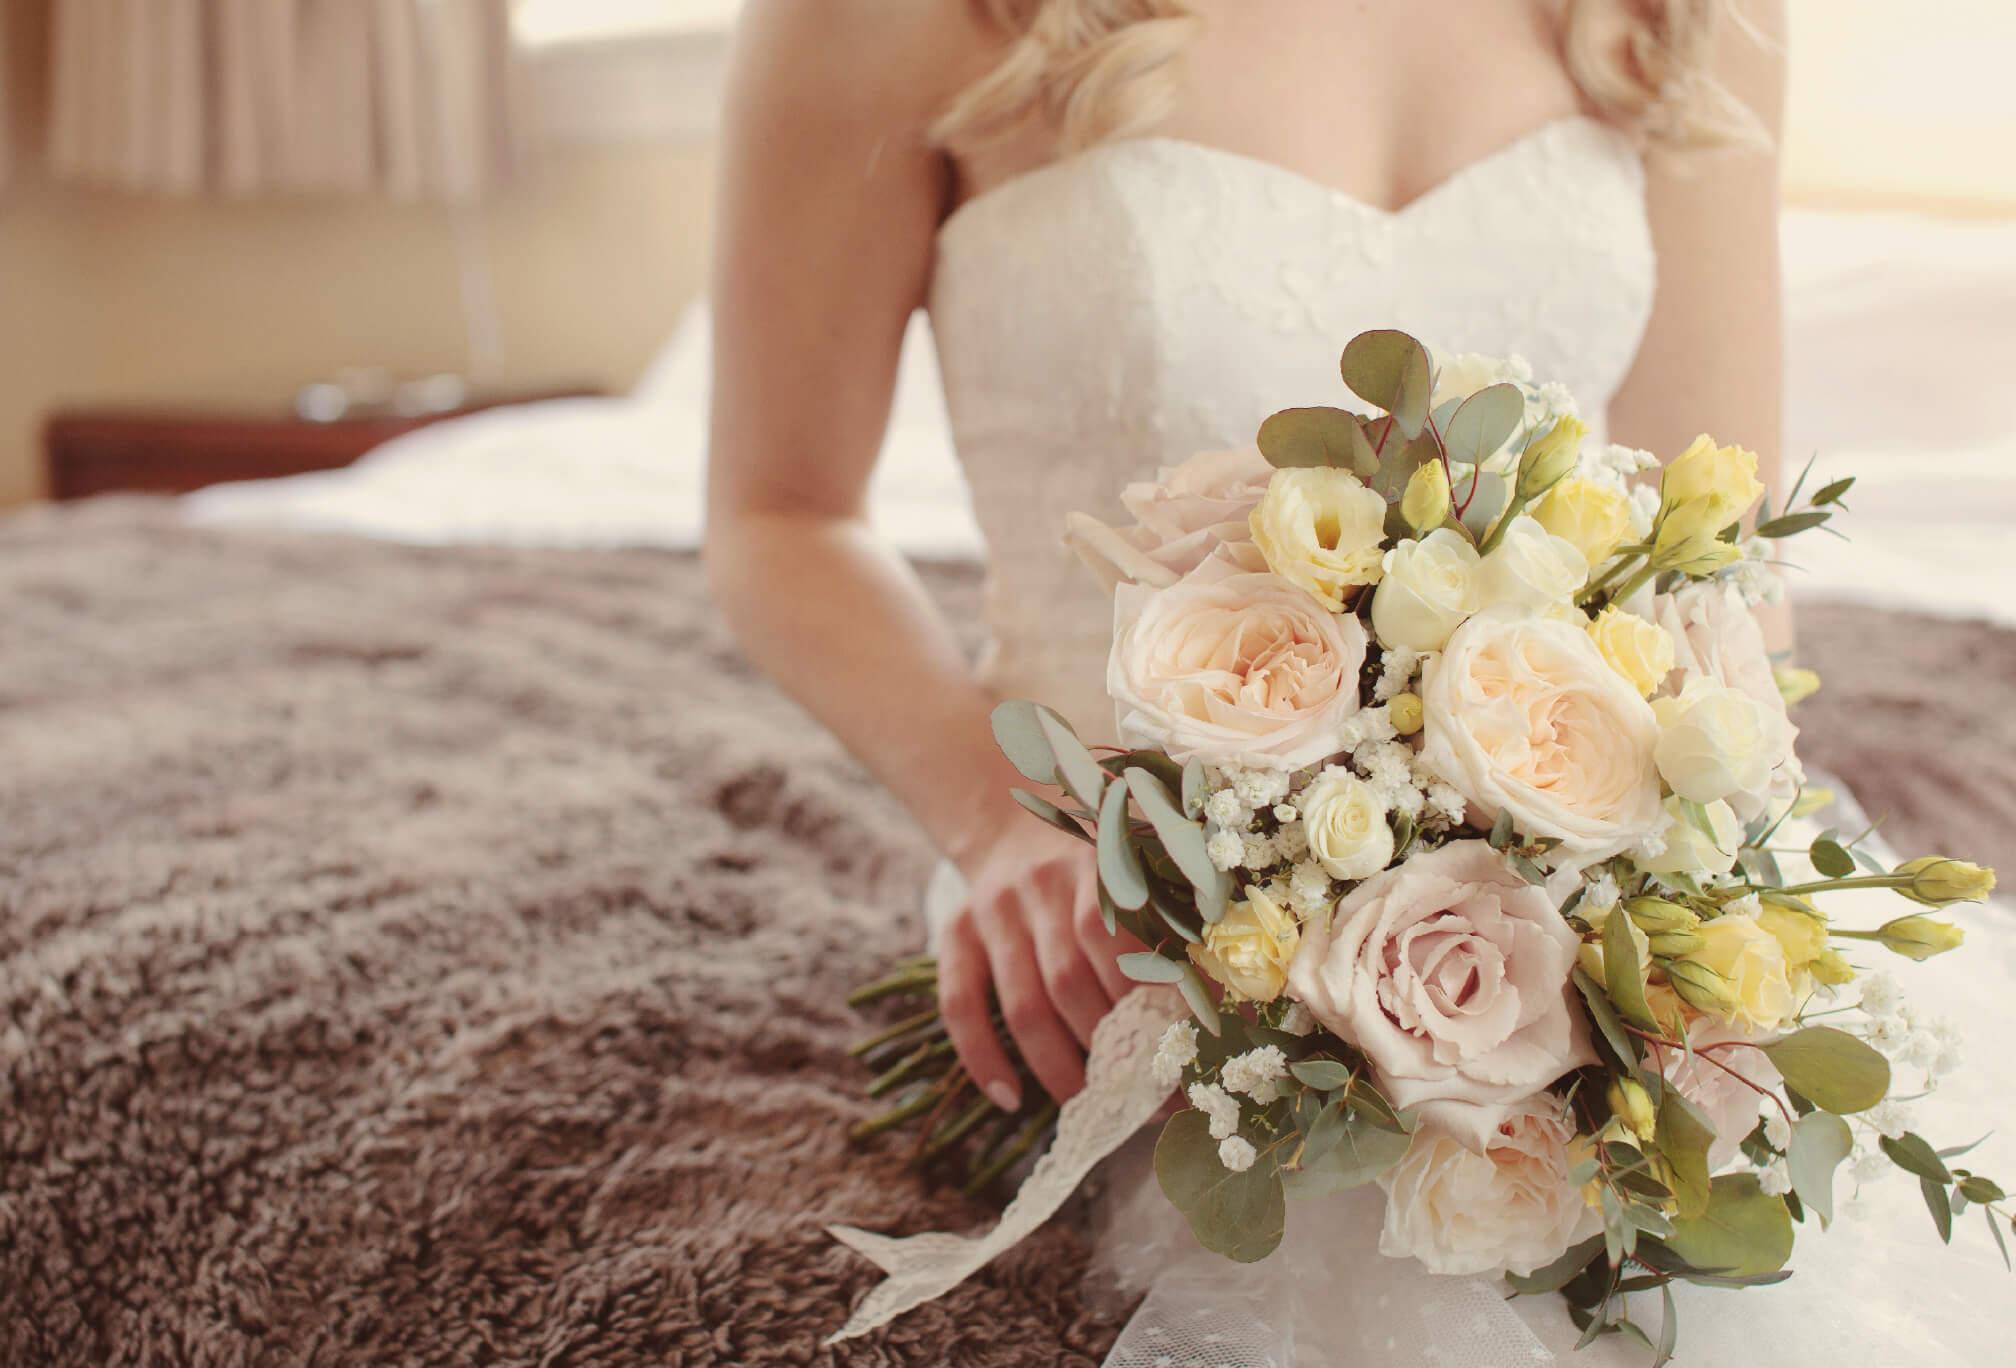 bouquet details roses